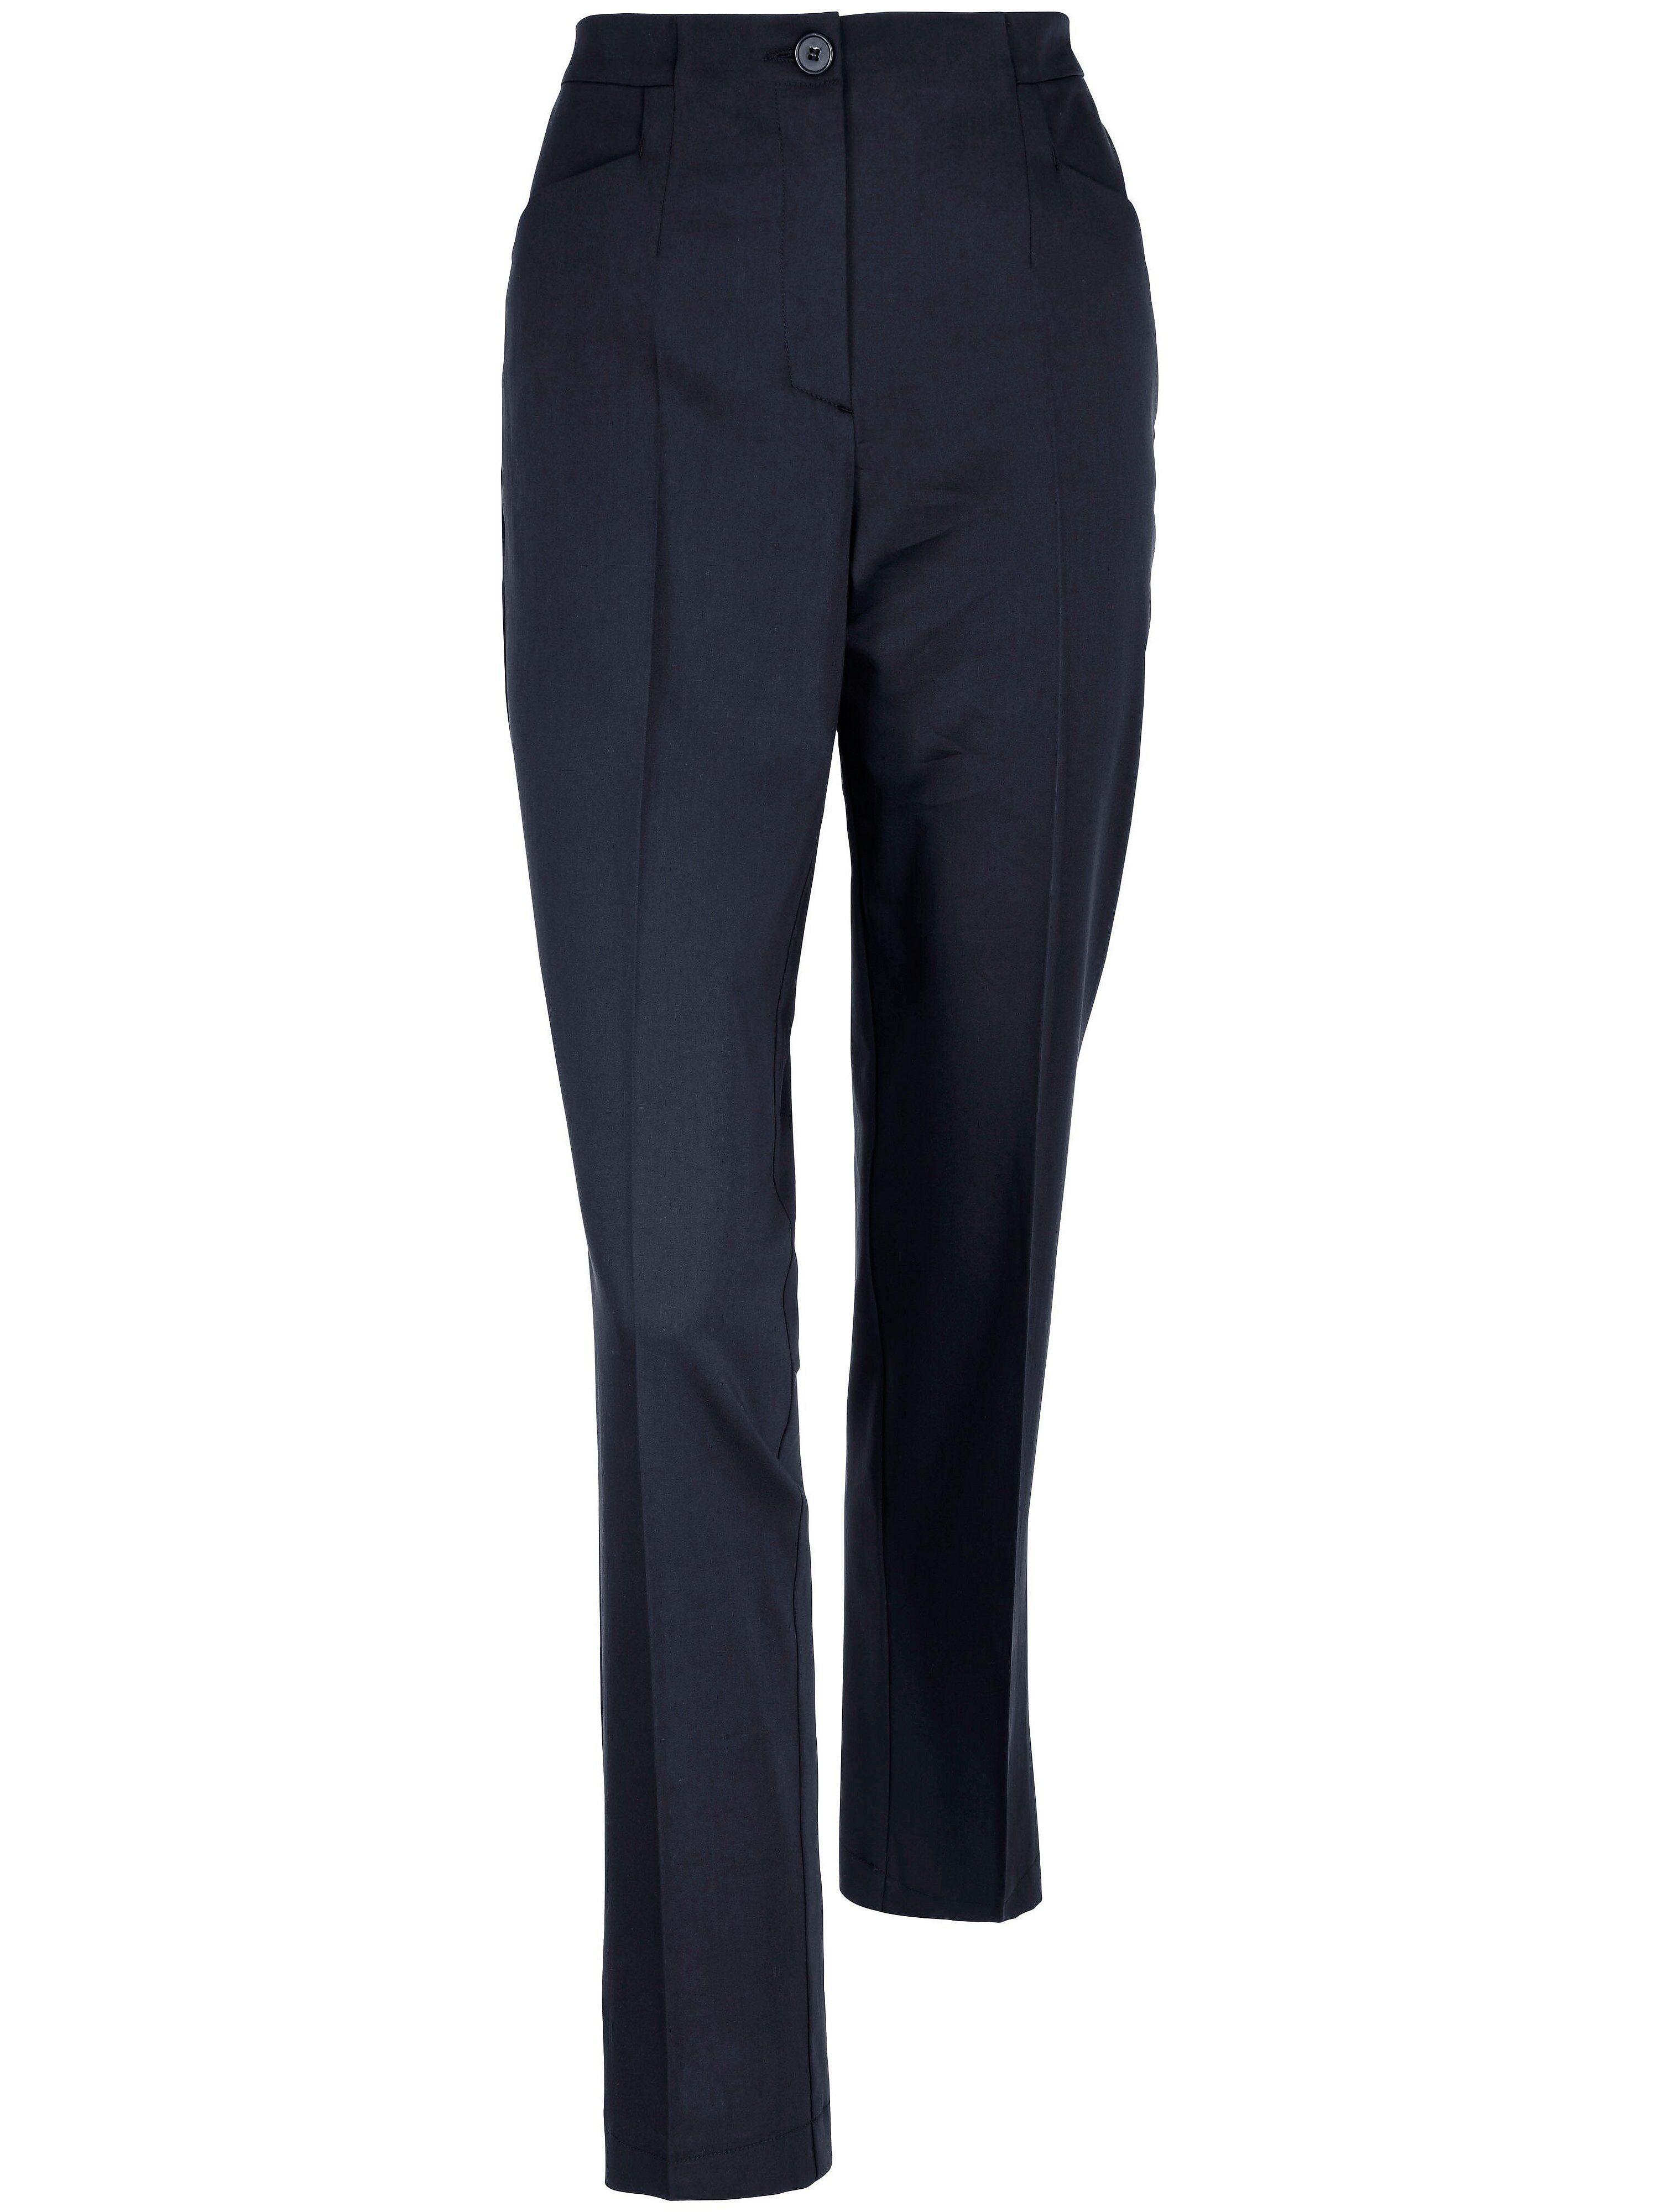 Peter Hahn Le pantalon facile d'entretien  Peter Hahn bleu  - Femme - 19